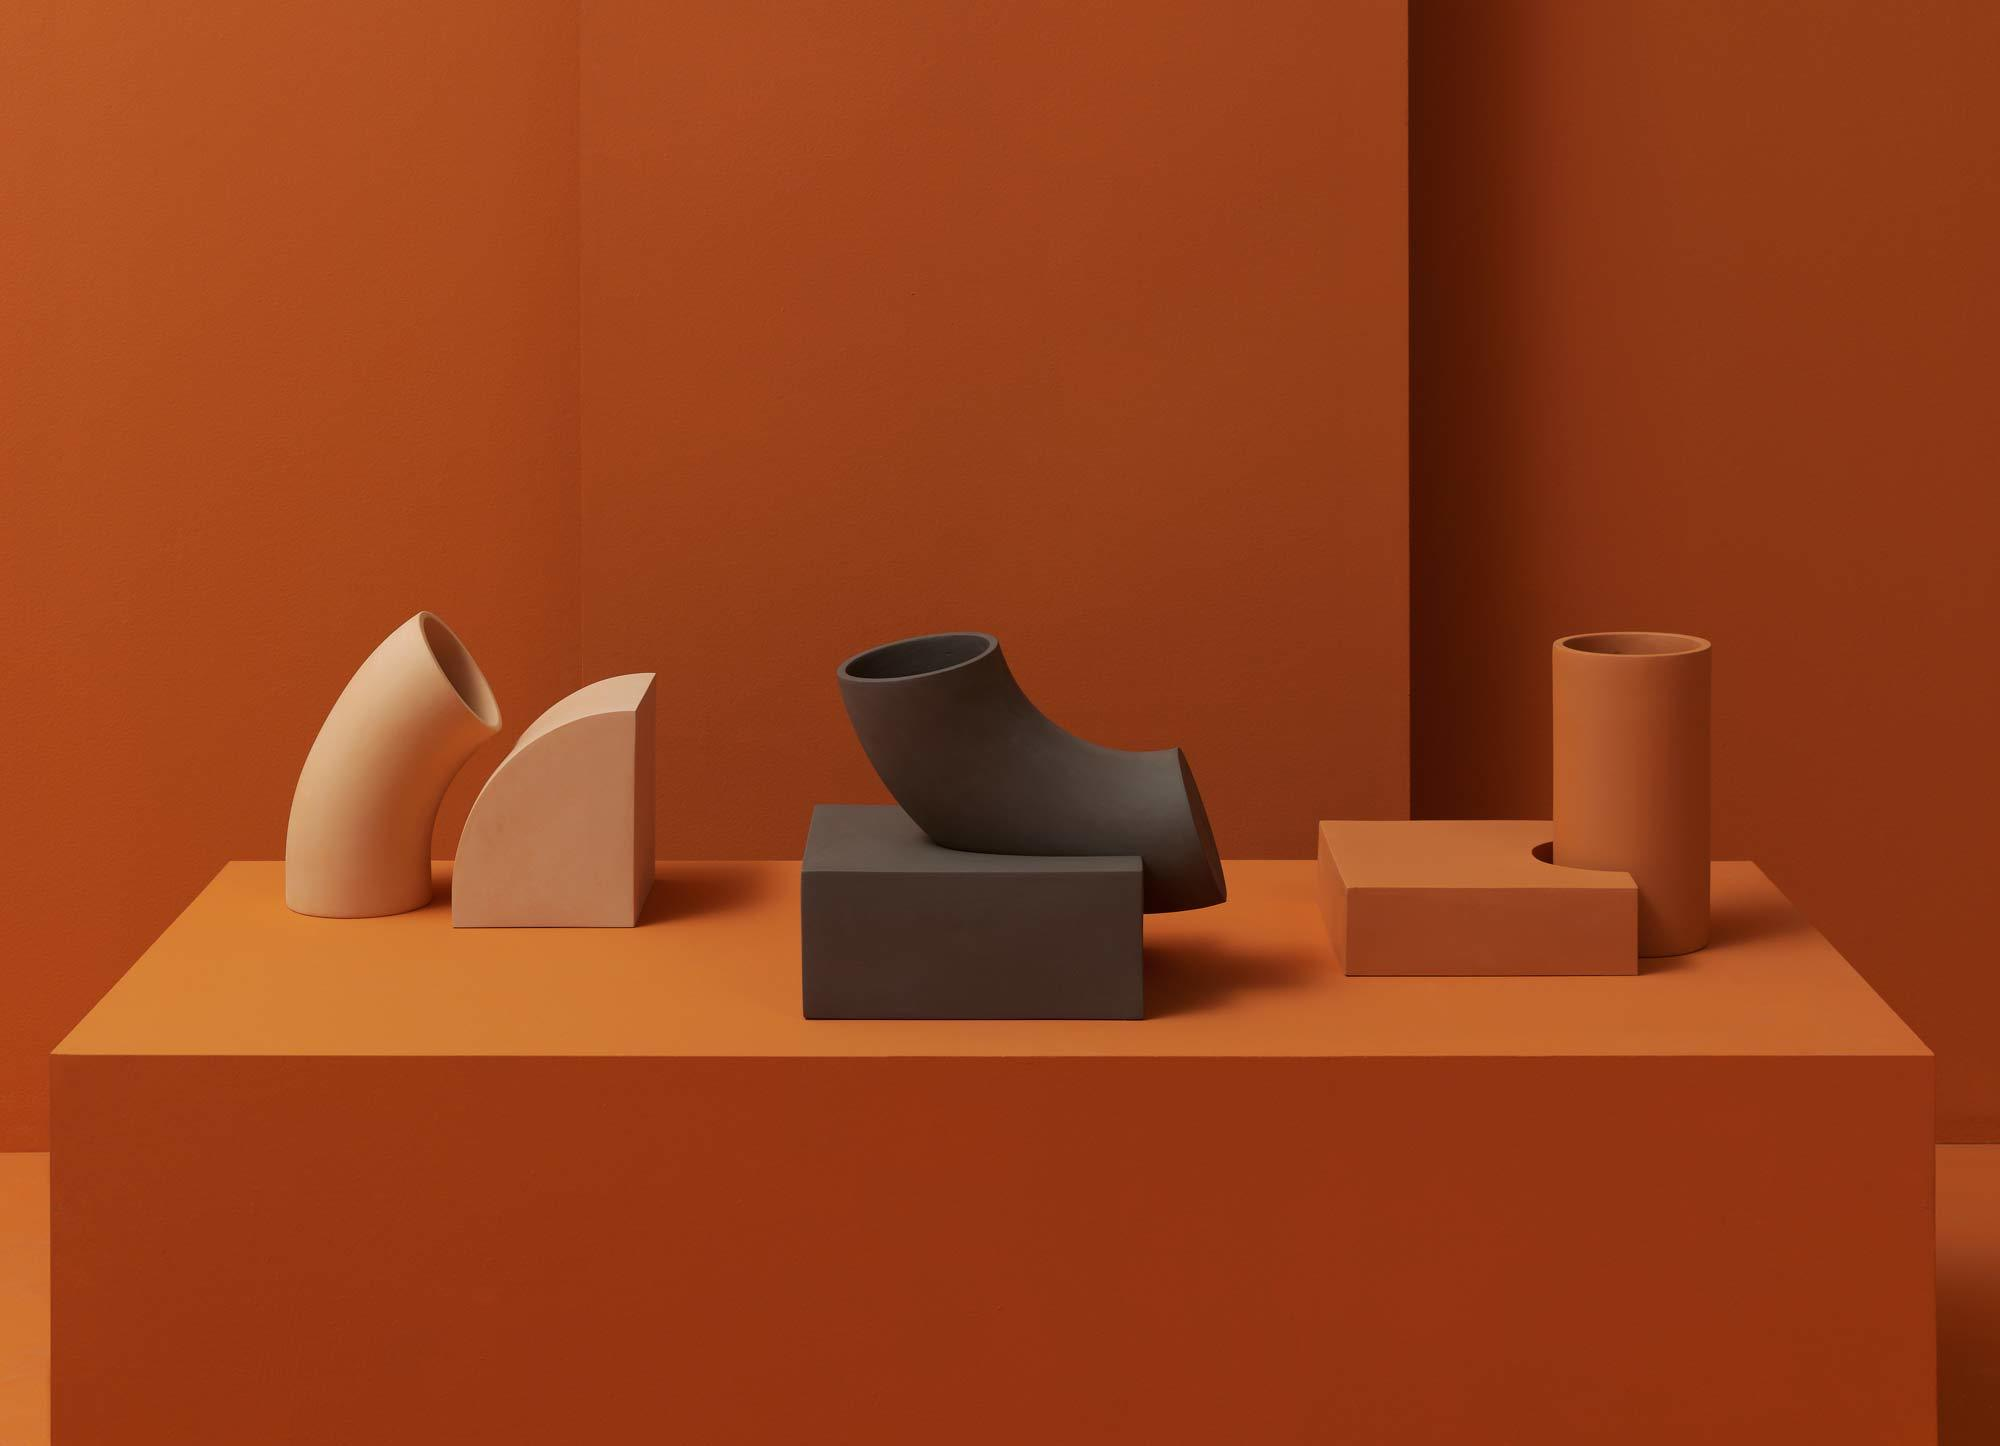 Im Zuge des Entwurfsprozesses sind Keramikskulpturen entstanden, die nun als limitierte Versionen verkauft werden.